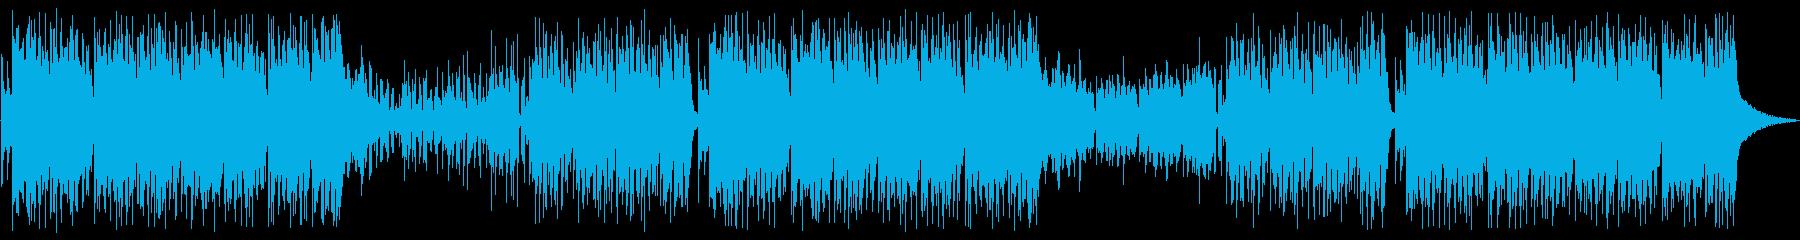 和風EDM・明るく軽快なメロディーの再生済みの波形